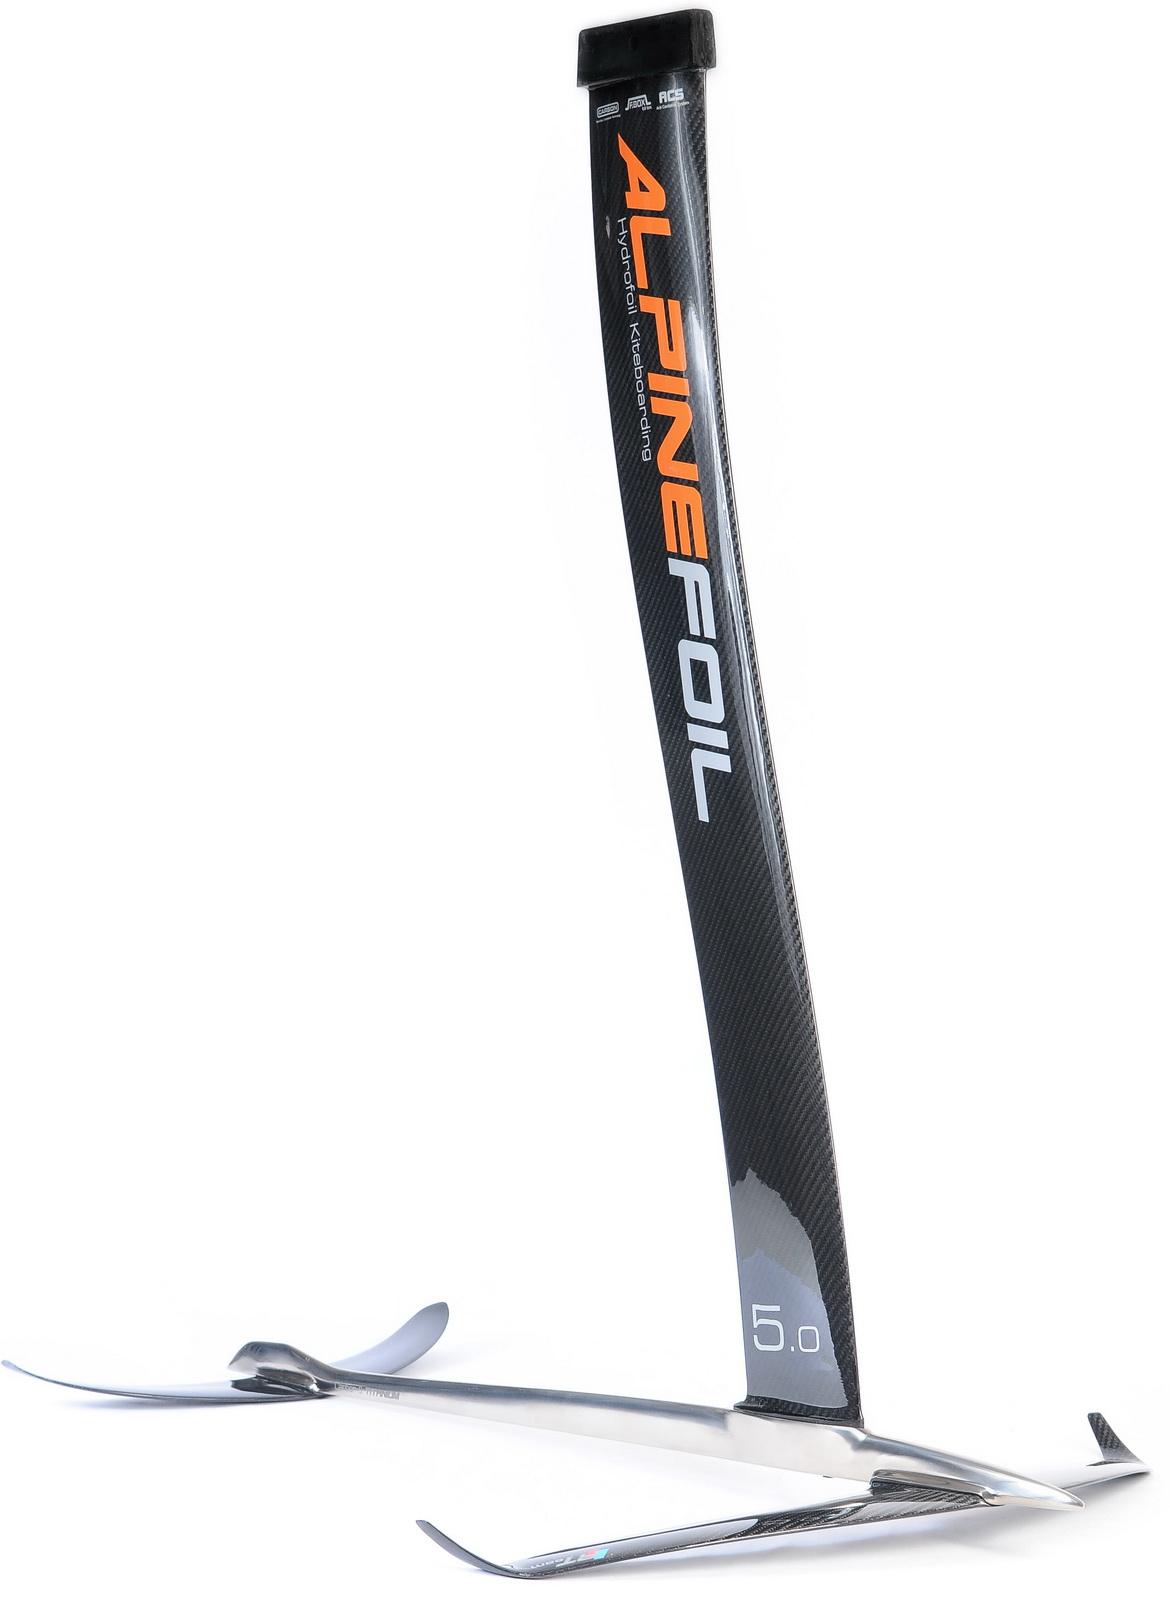 Kitefoil alpinefoil carbon titanium 000 1 2